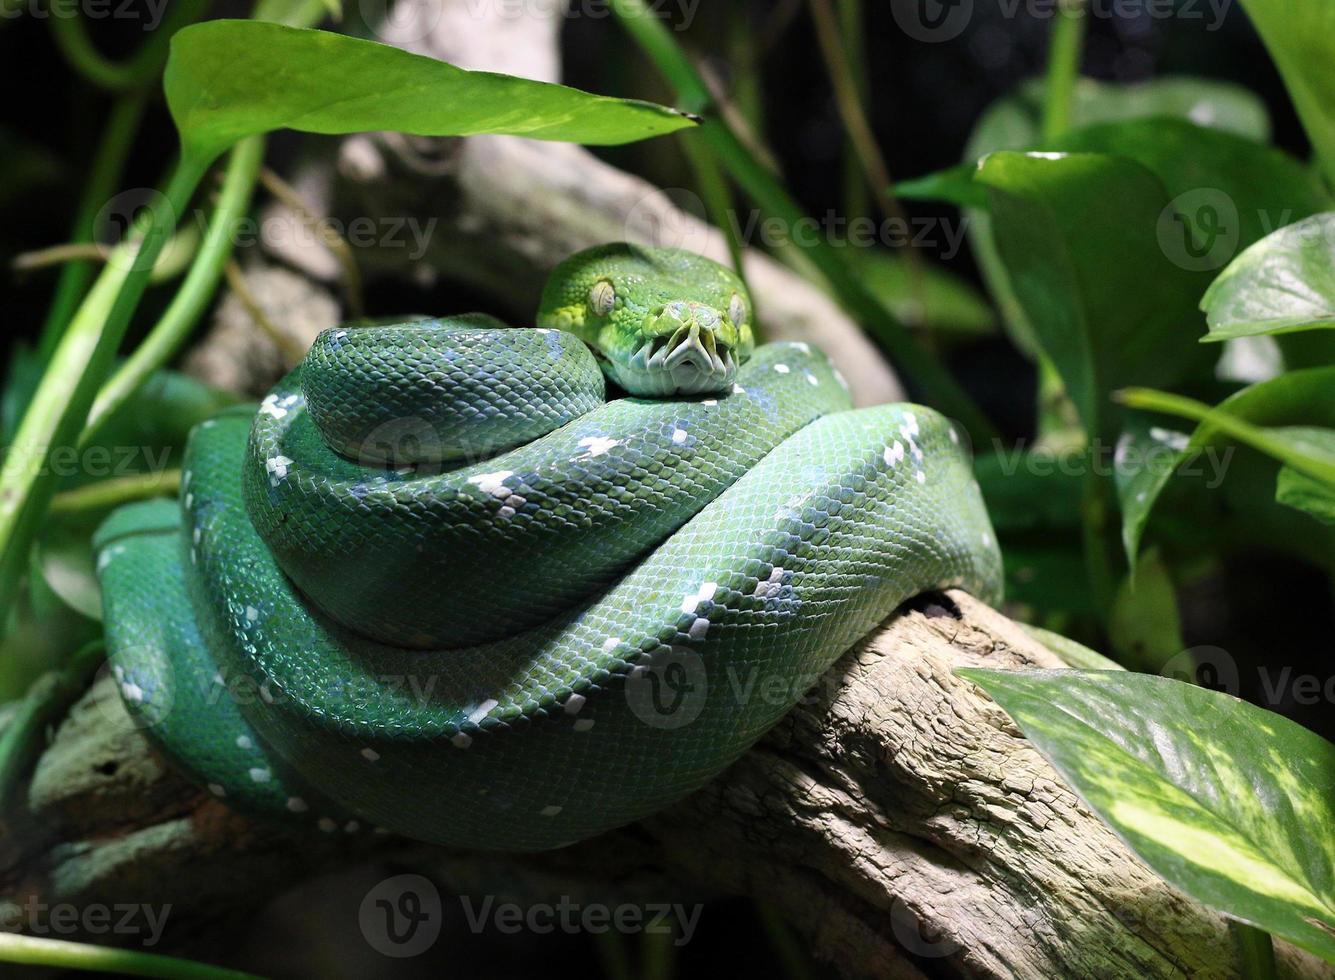 serpente verde sul ramo nella giungla foto